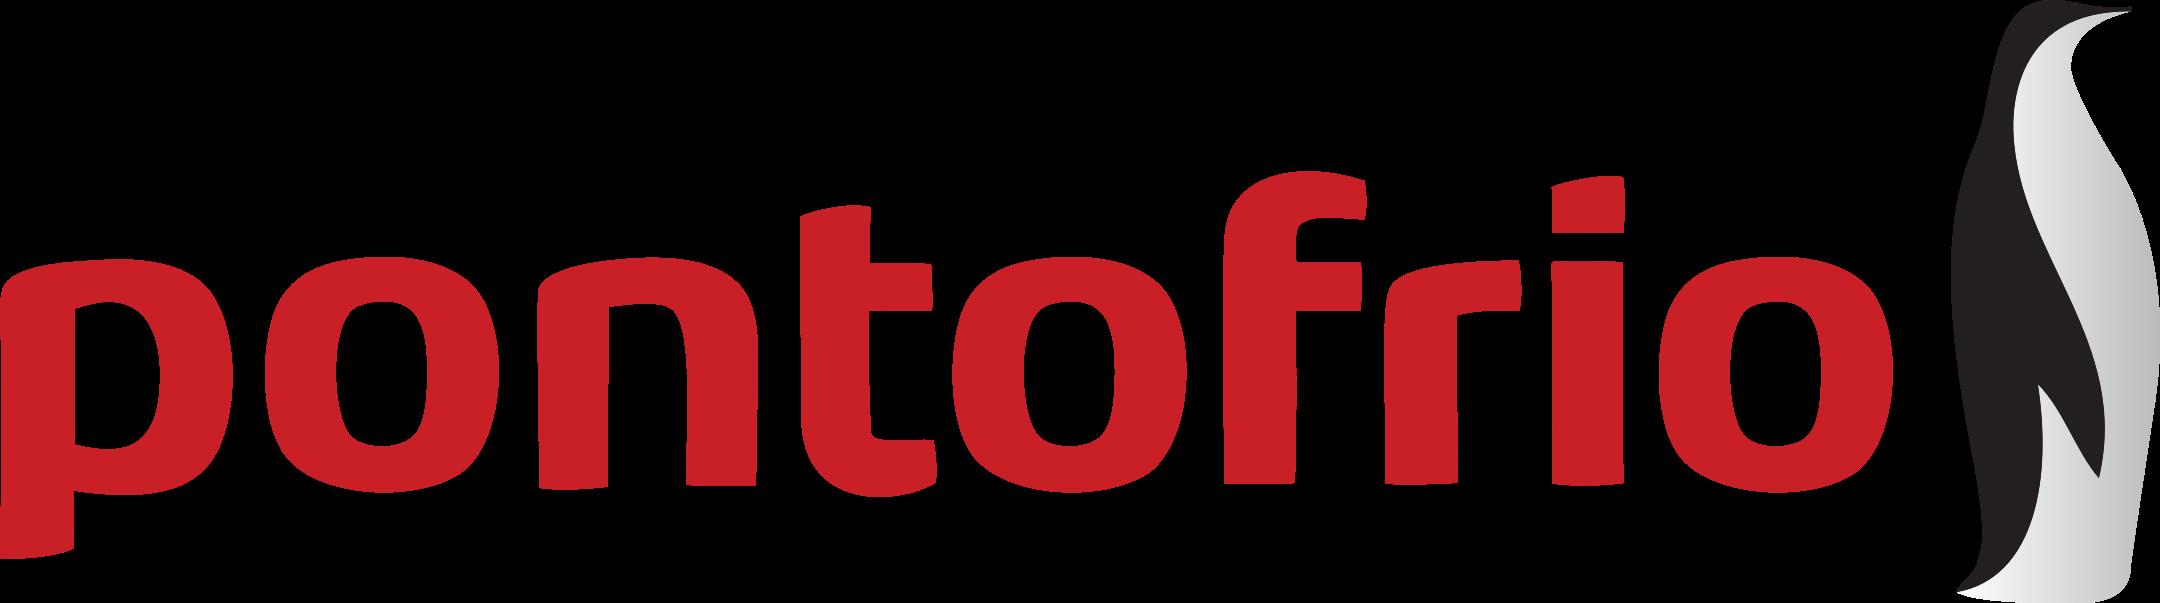 pontofrio logo 1 - Pontofrio Logo